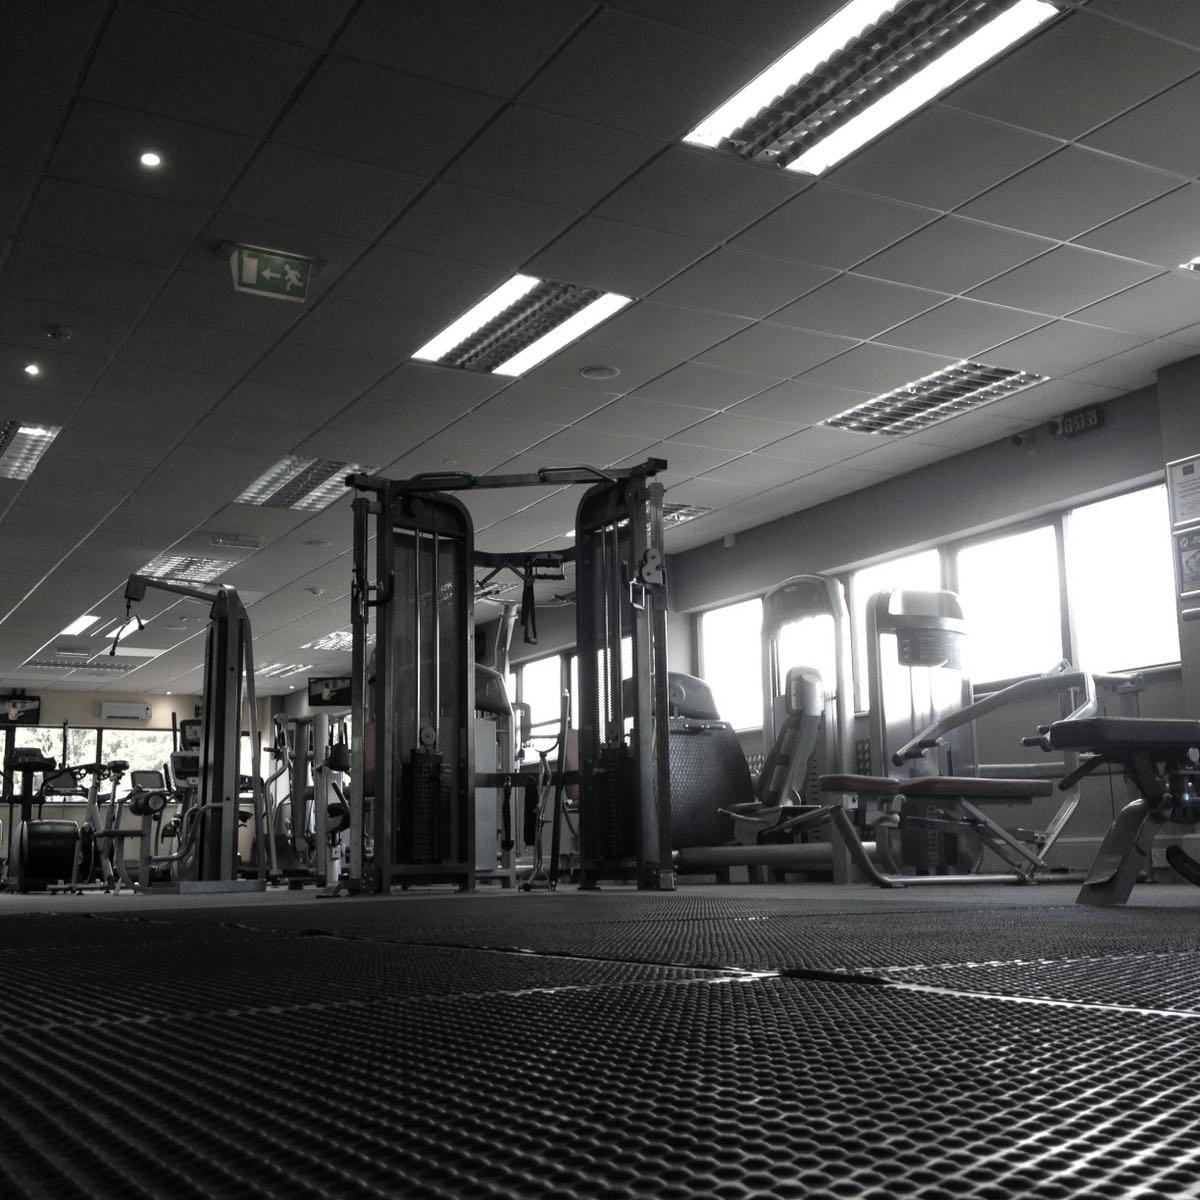 gym-image